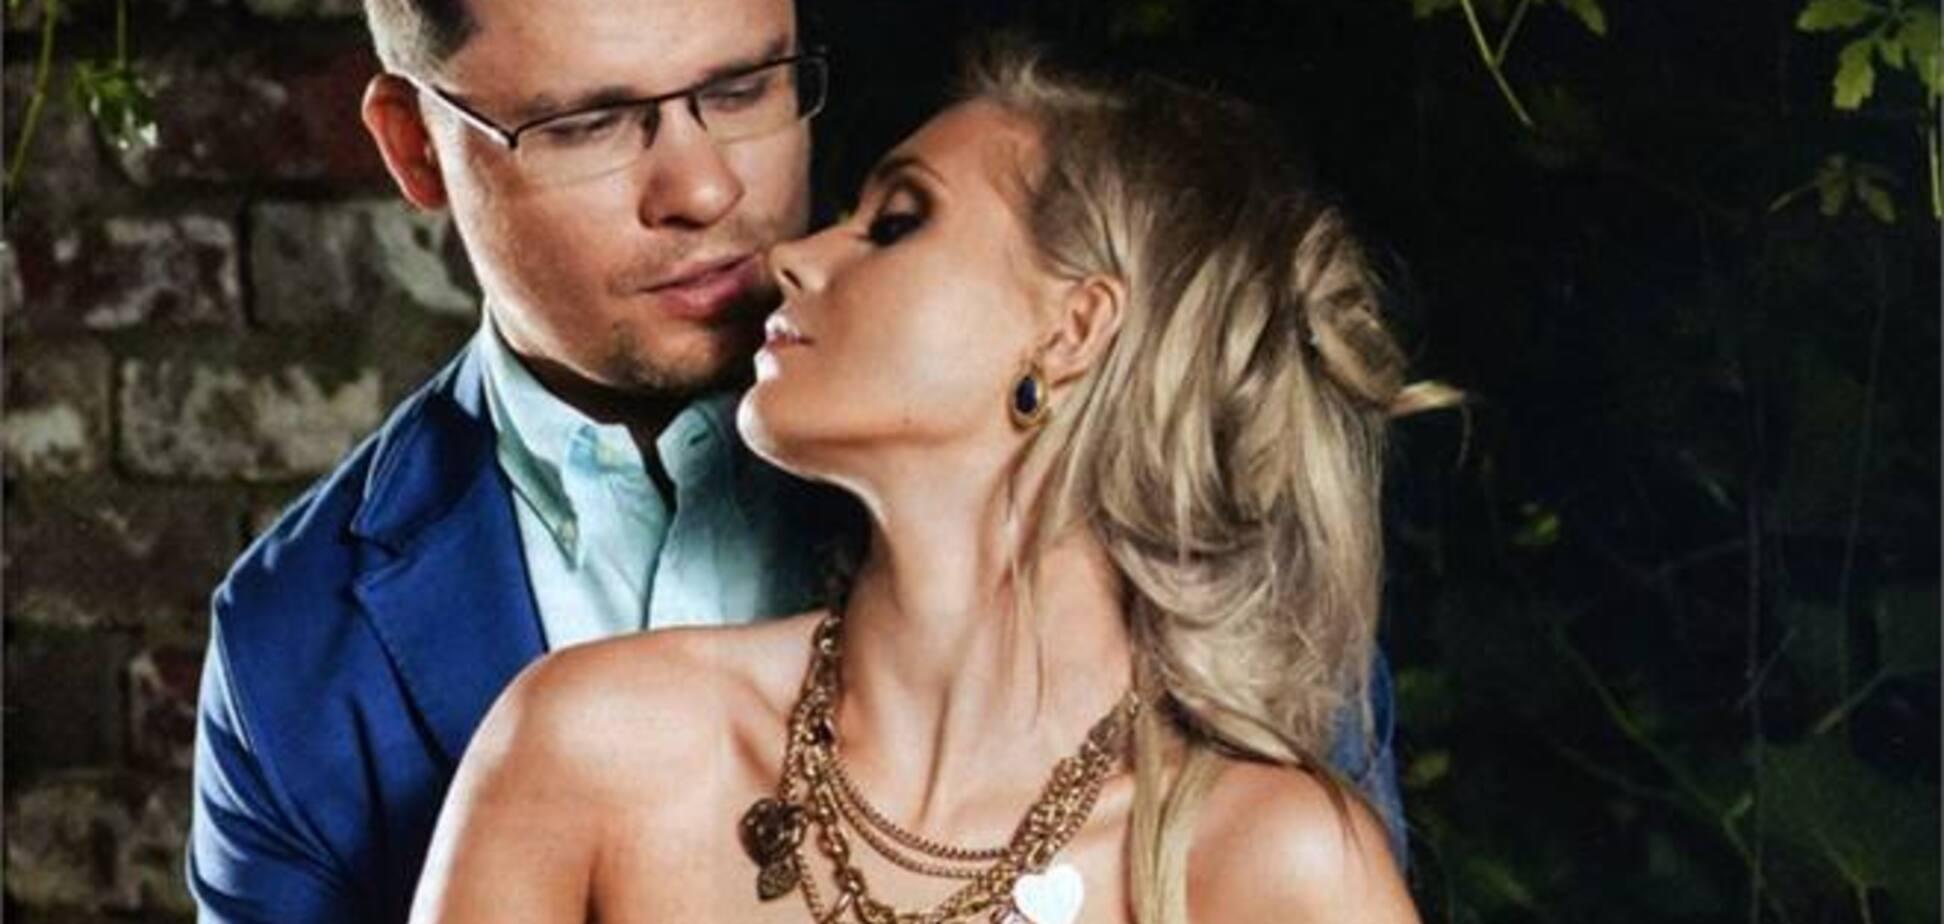 Бывшая Харламова пытается аннулировать его брак с Асмус